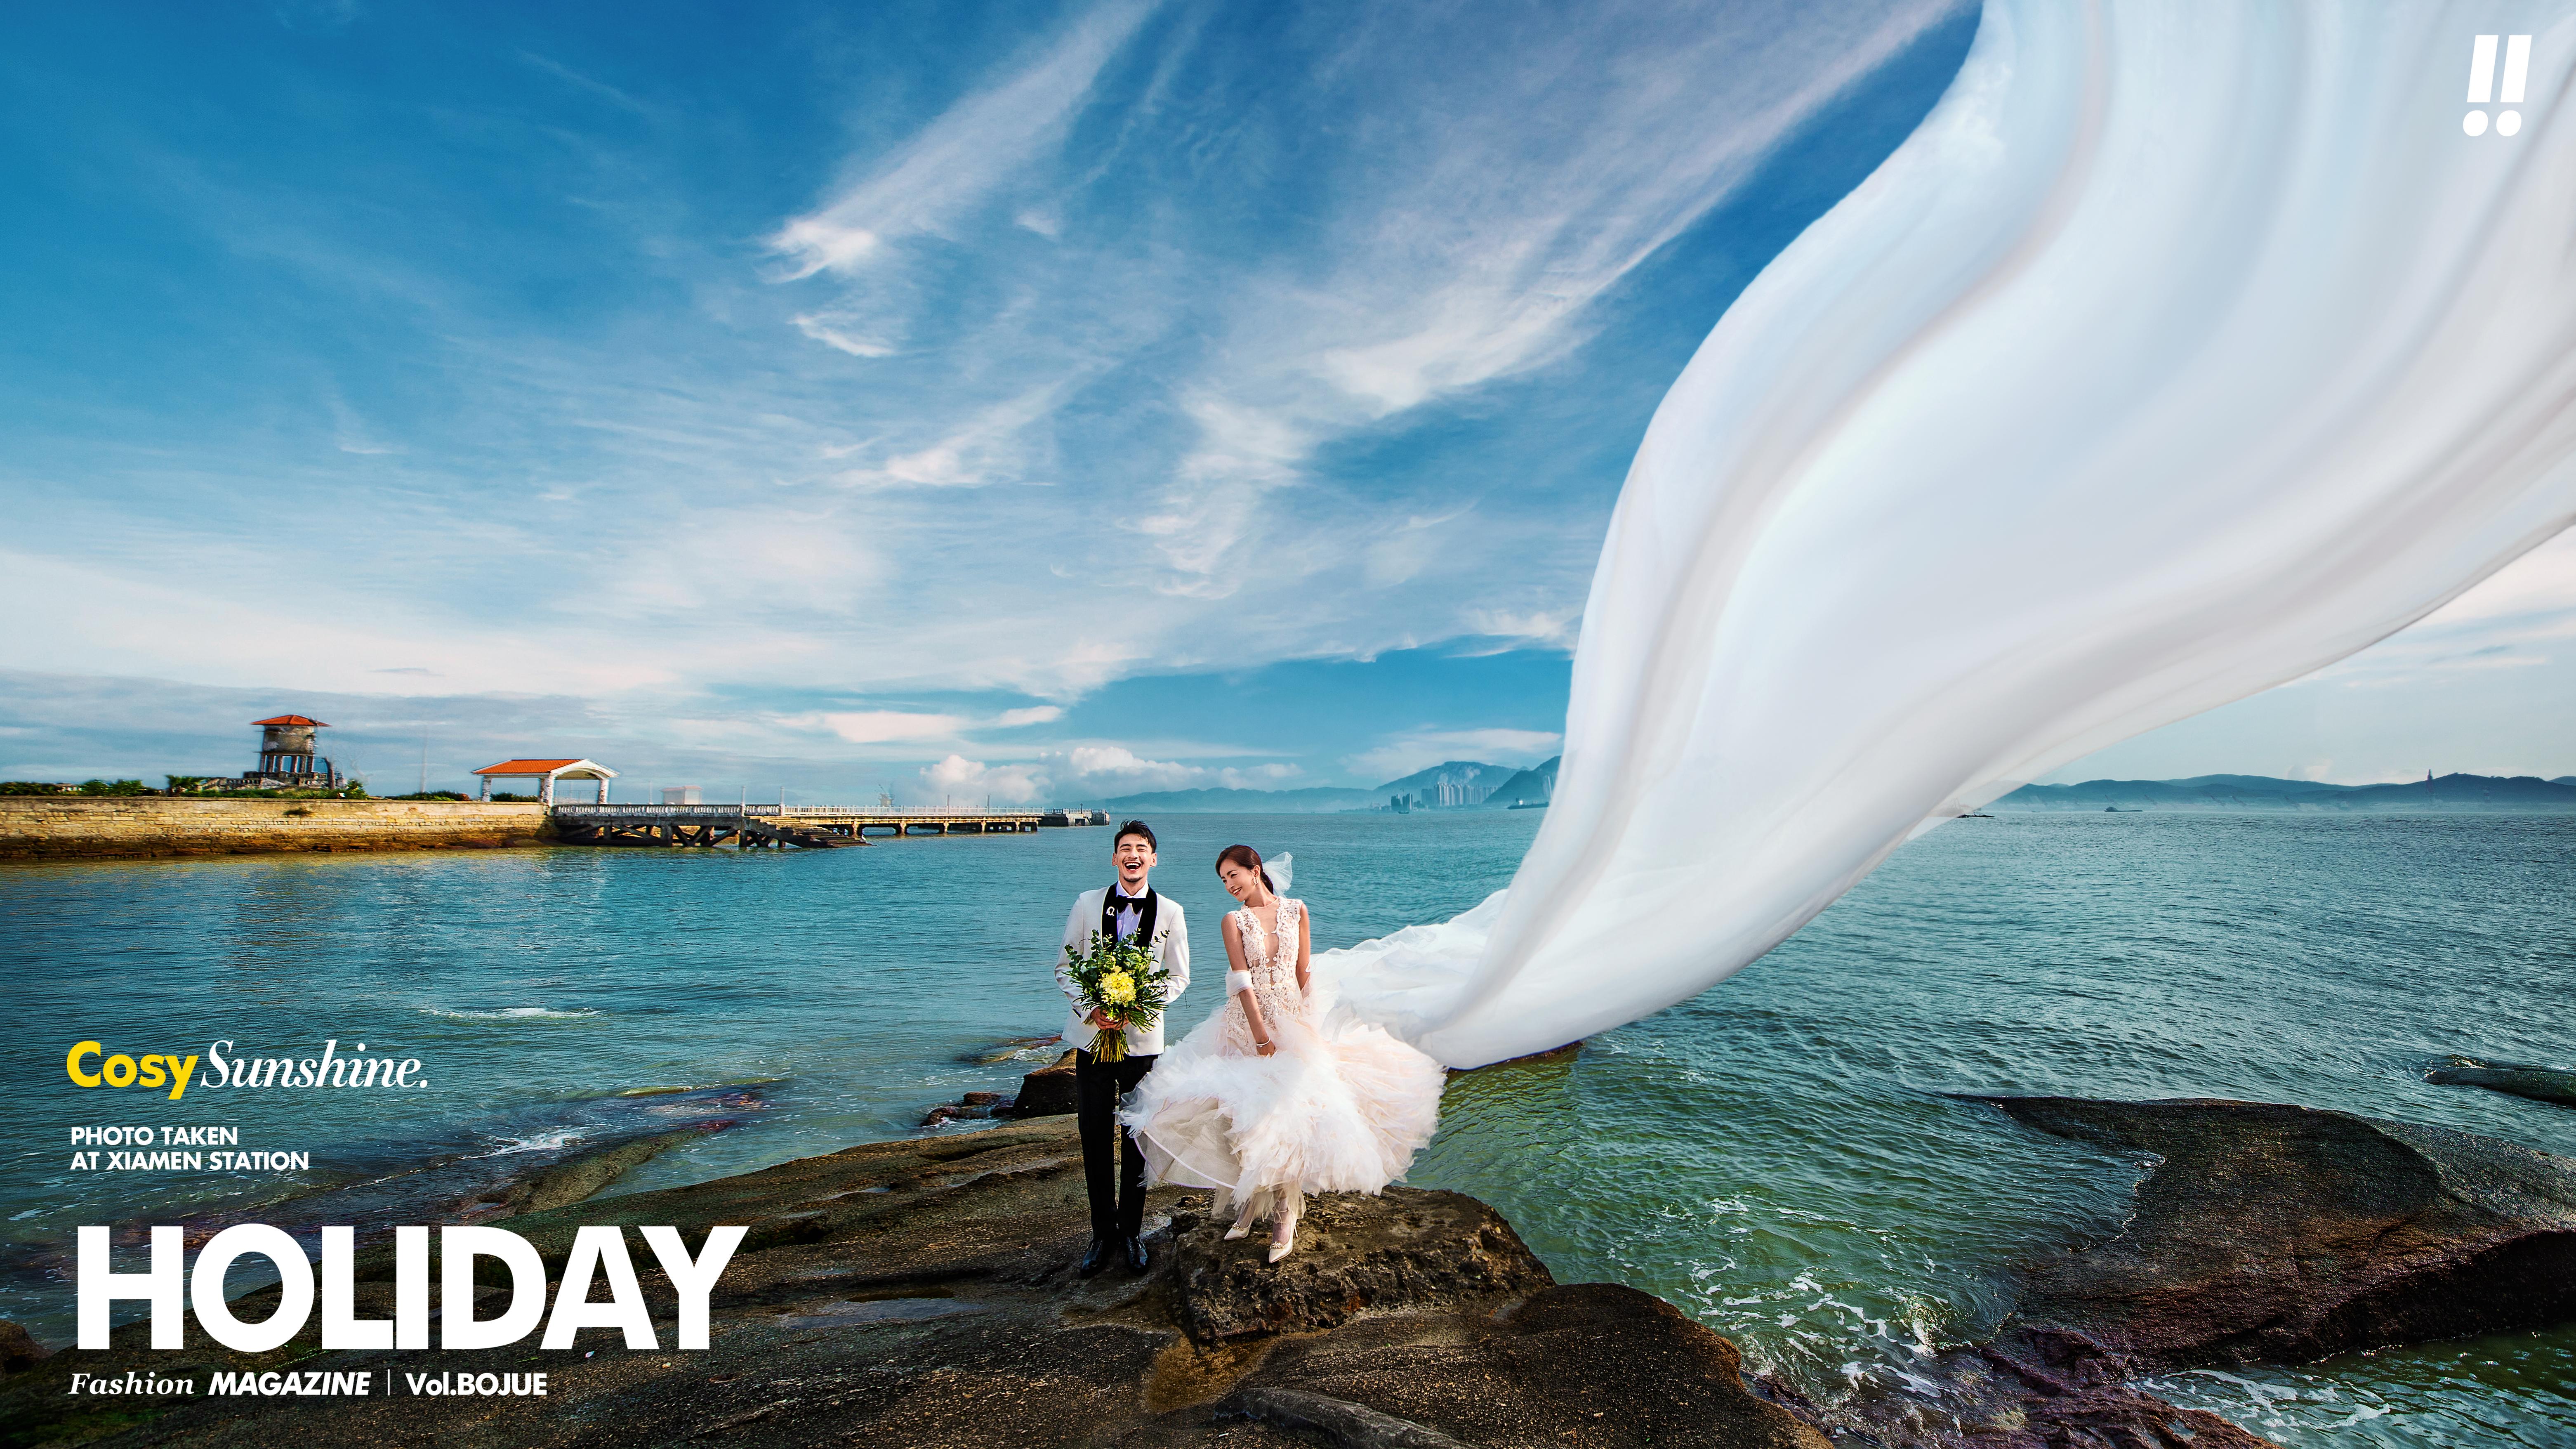 厦门拍婚纱照遇到下雨天怎么办?下雨天能继续拍婚纱照吗?